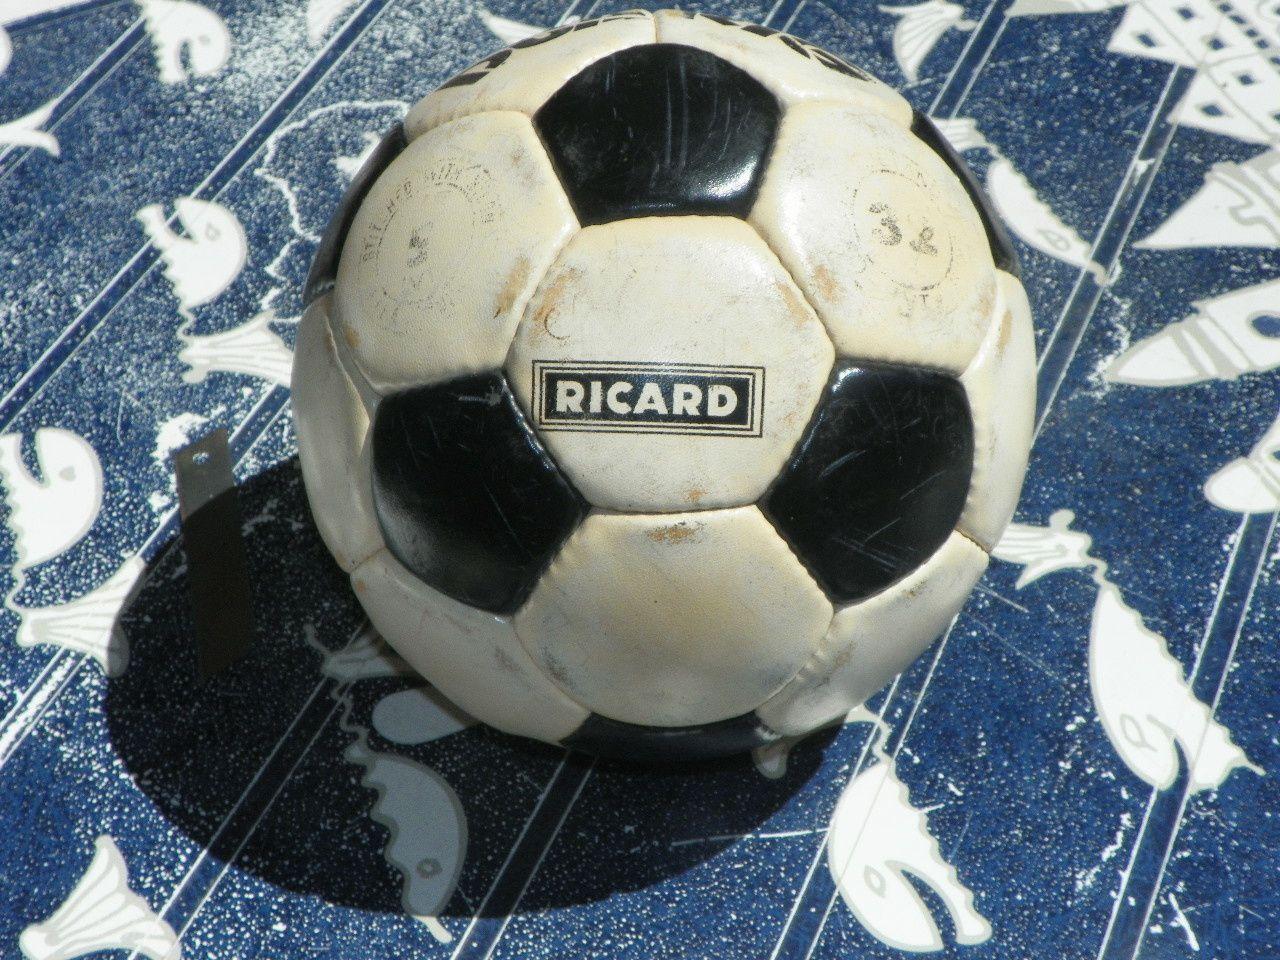 Ancien ballon de foot